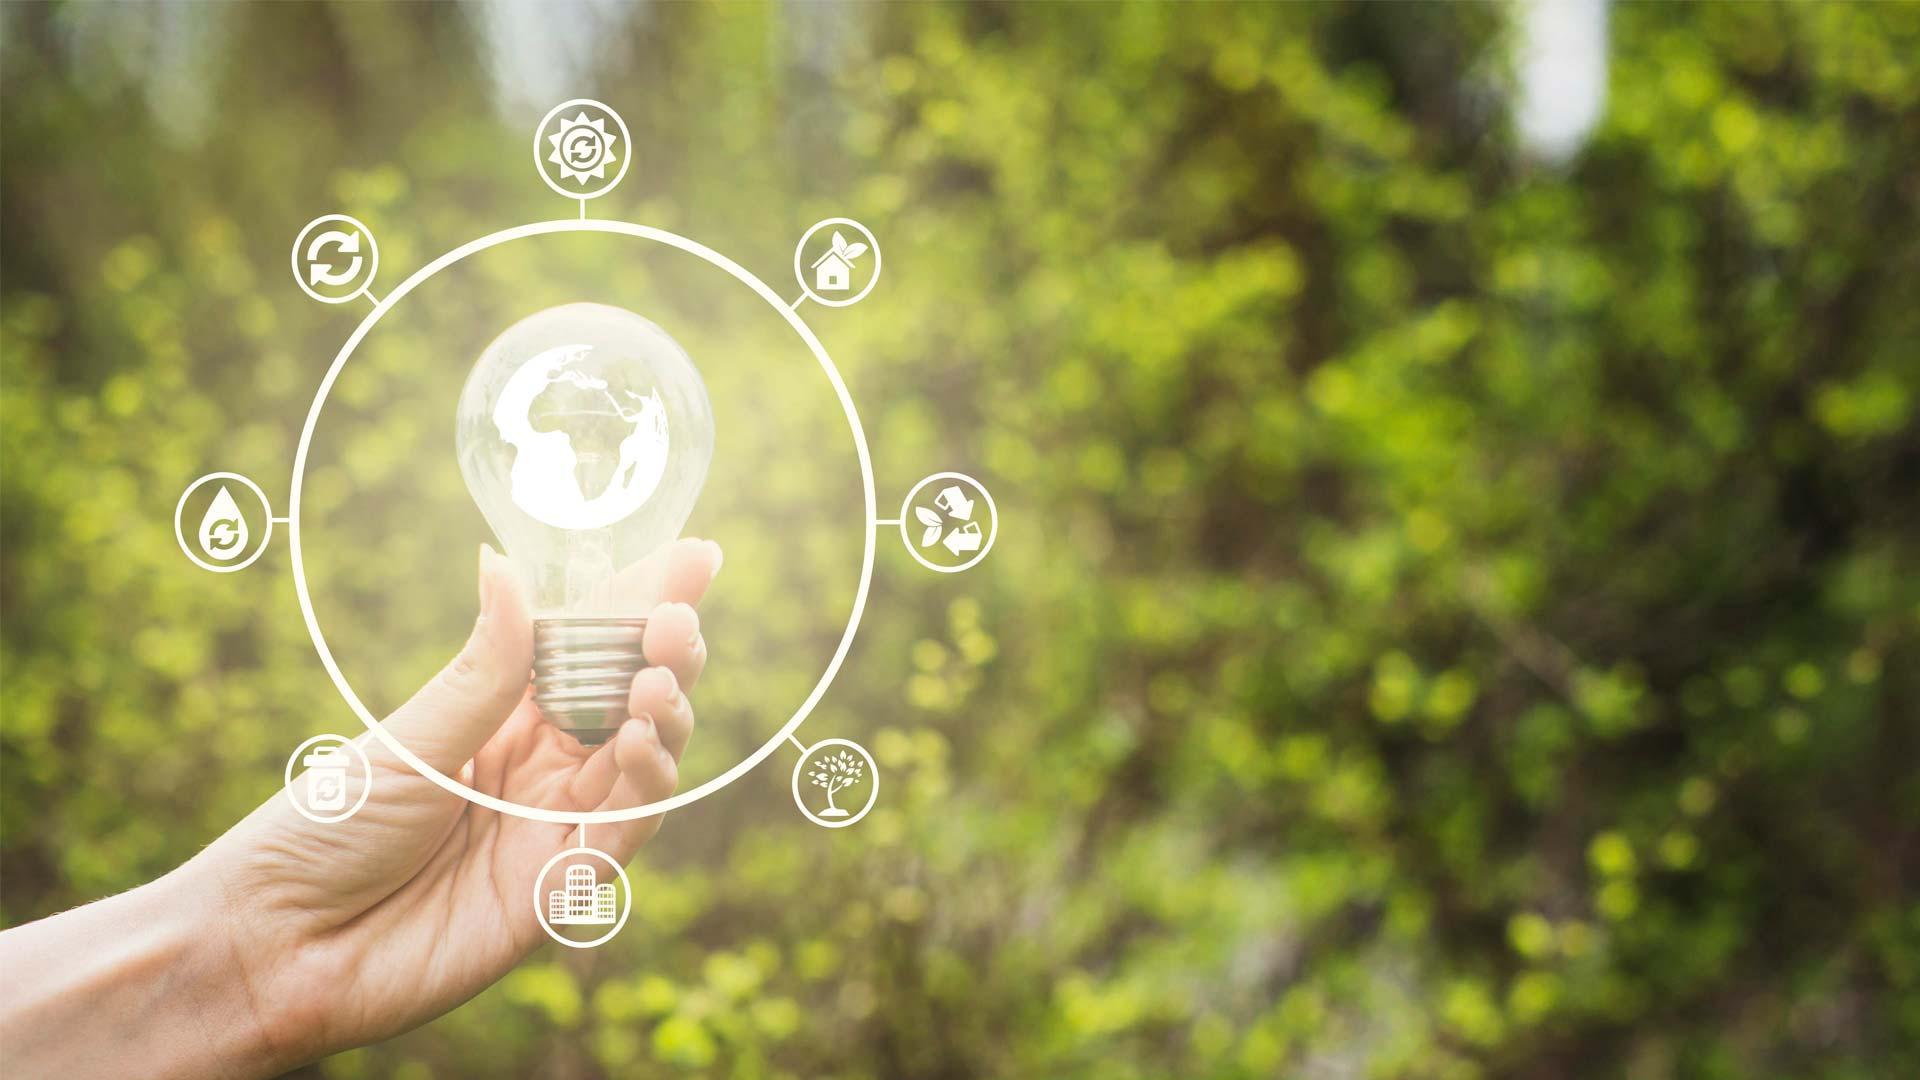 beneficios del autoconsumo solar para el medioambiente